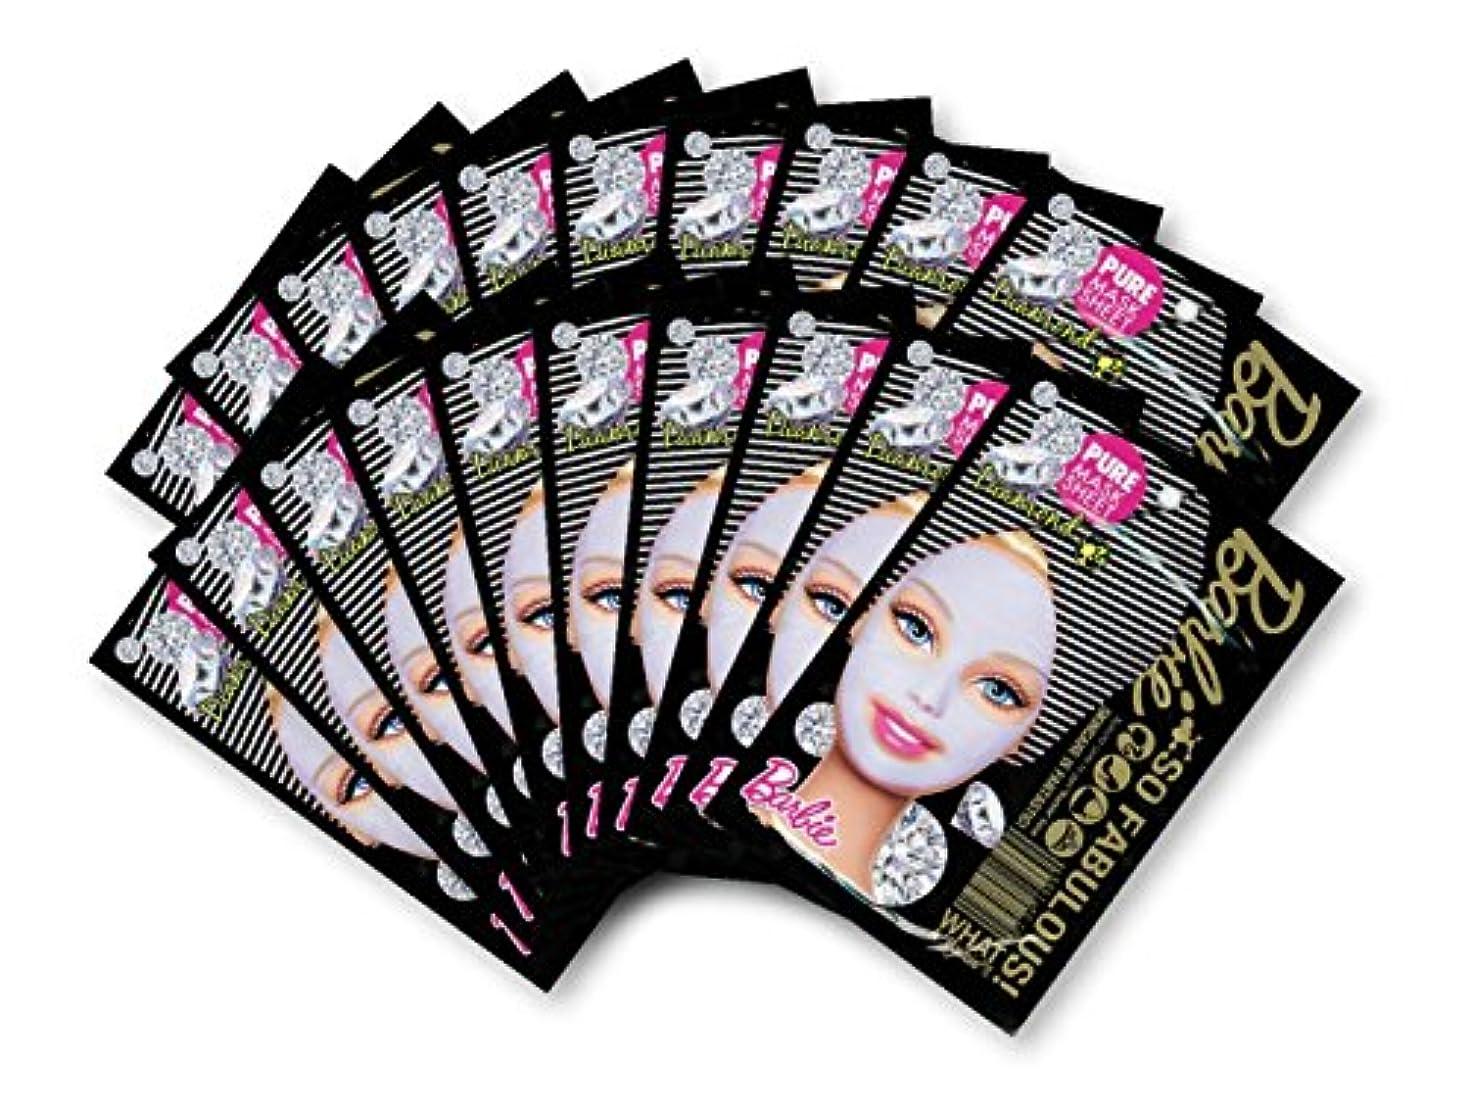 エリート単なる非効率的なバービー (Barbie) フェイスマスク ピュアマスクシートN (ダイアモンド) 25ml×20枚入り [保湿] 顔 シートマスク フェイスパック